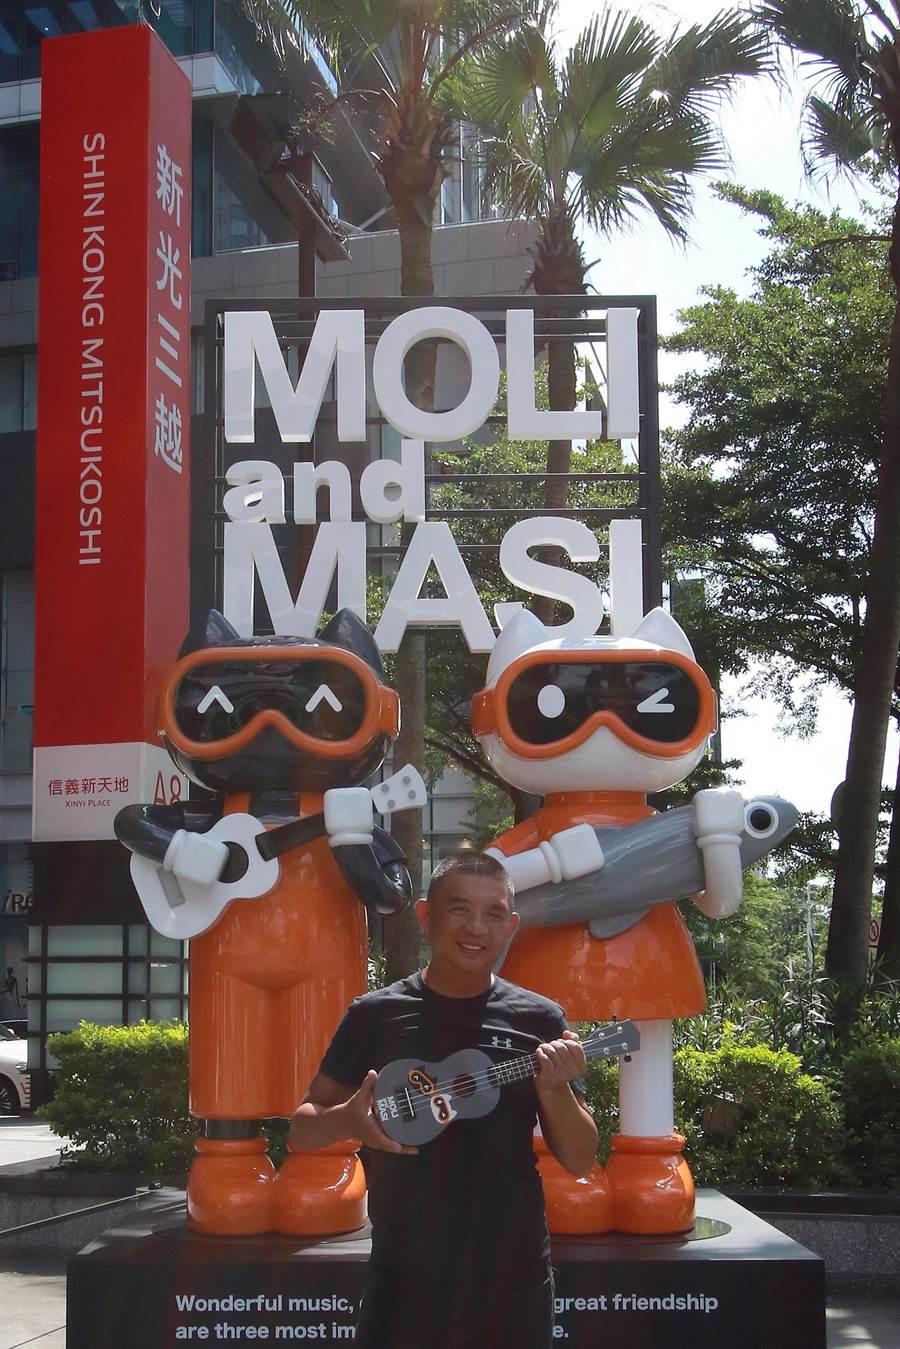 Akibo拿著「夏日愛音樂烏克麗麗」,在新光三越信義A8廣場與4.5米高的作品合影。抱著烏克麗麗、愛音樂的黑貓MOLI與帶著小魚抱枕、愛美食的白貓MASI,是Akibo生活的縮影。(新光三越提供)